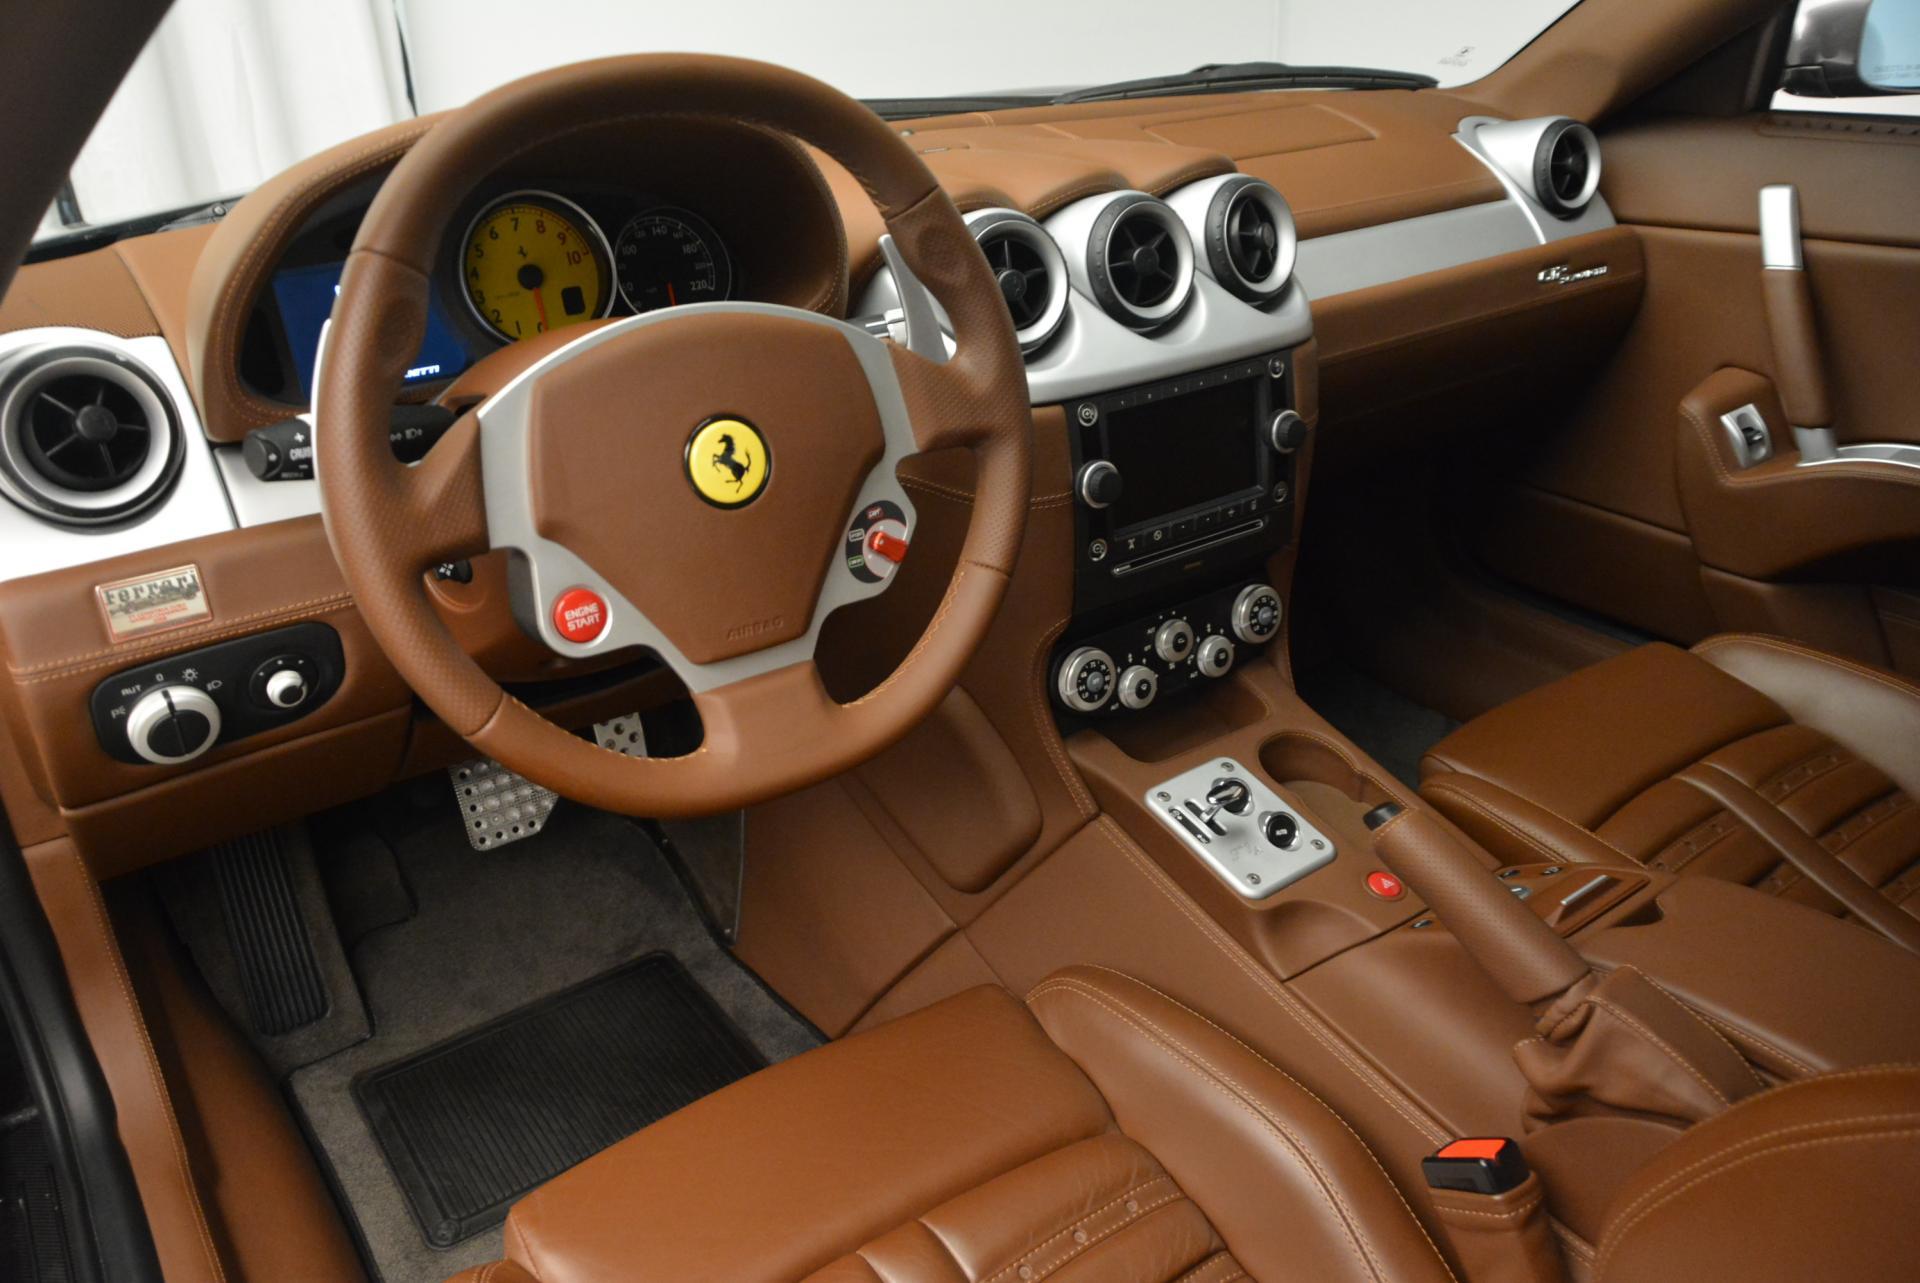 Used 2009 Ferrari 612 Scaglietti OTO For Sale In Westport, CT 141_p13